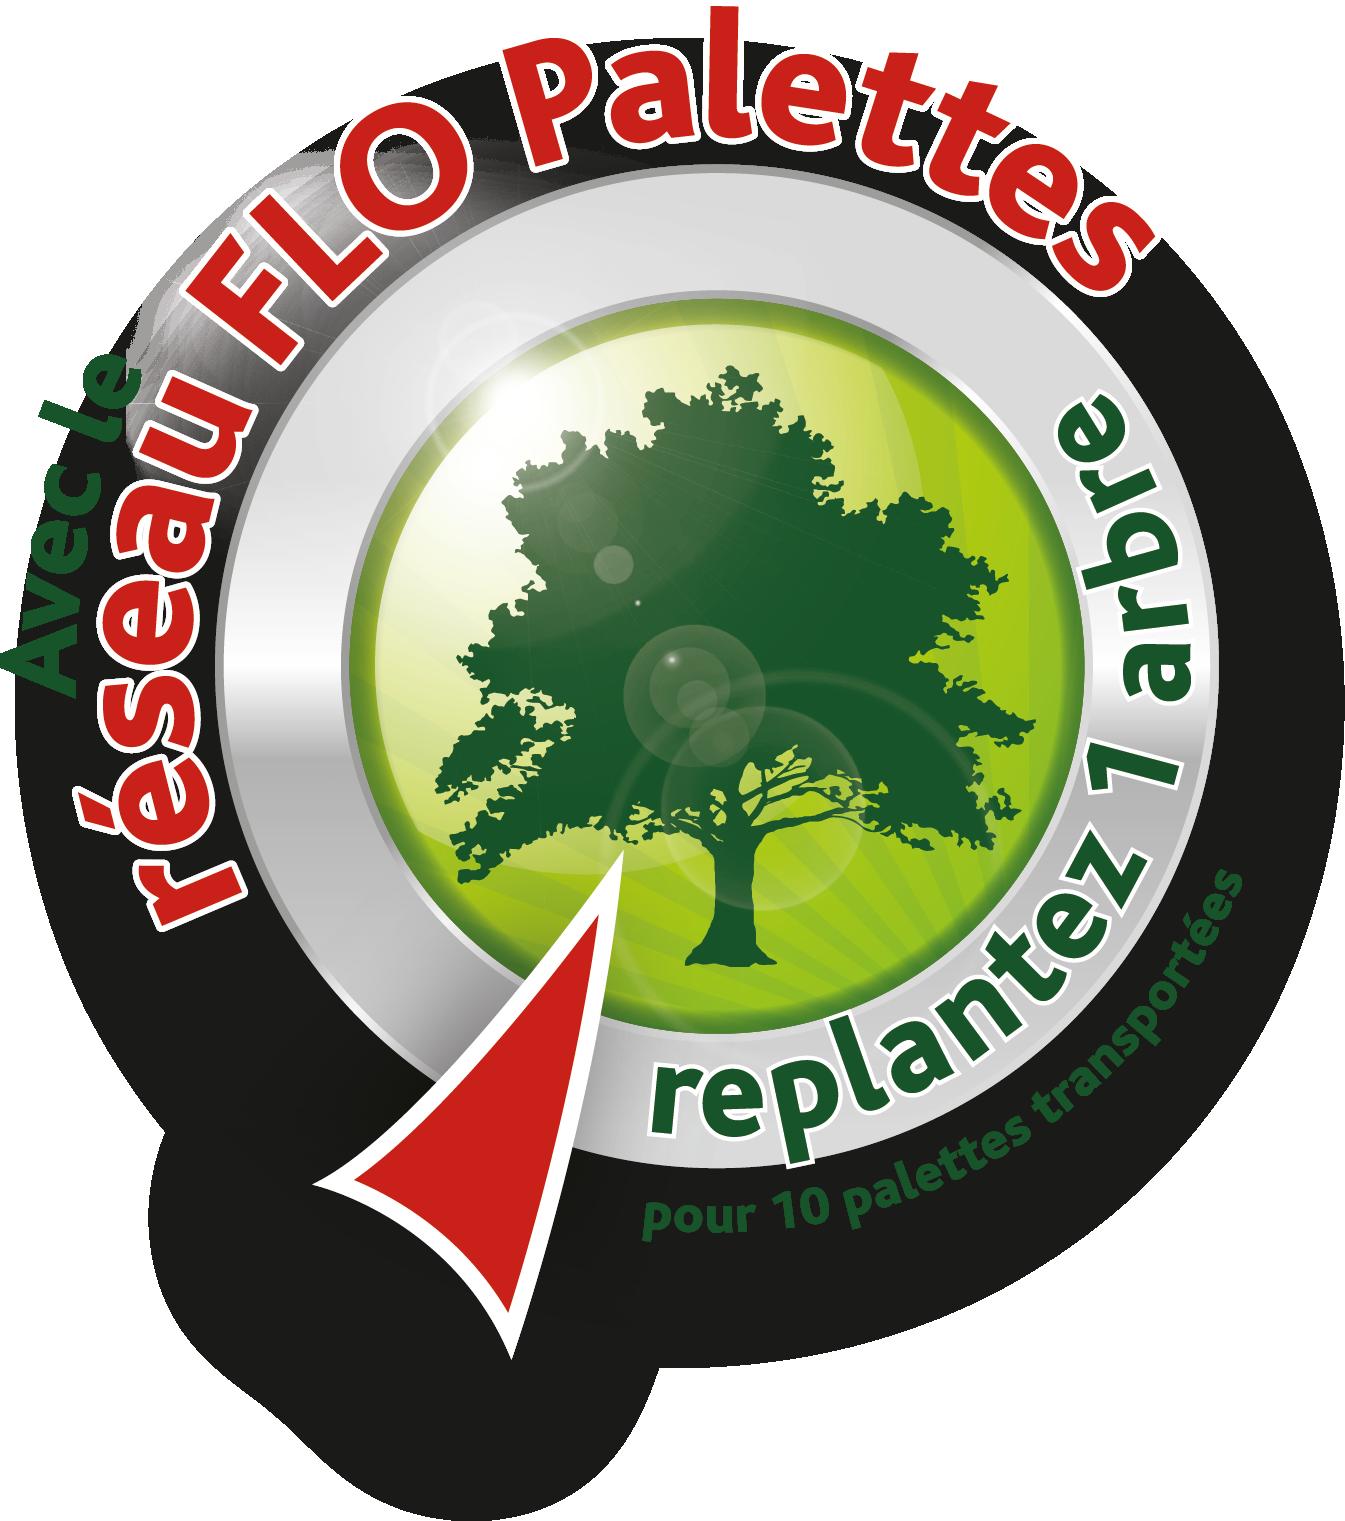 Replantez 1 arbre par le Groupement Flo